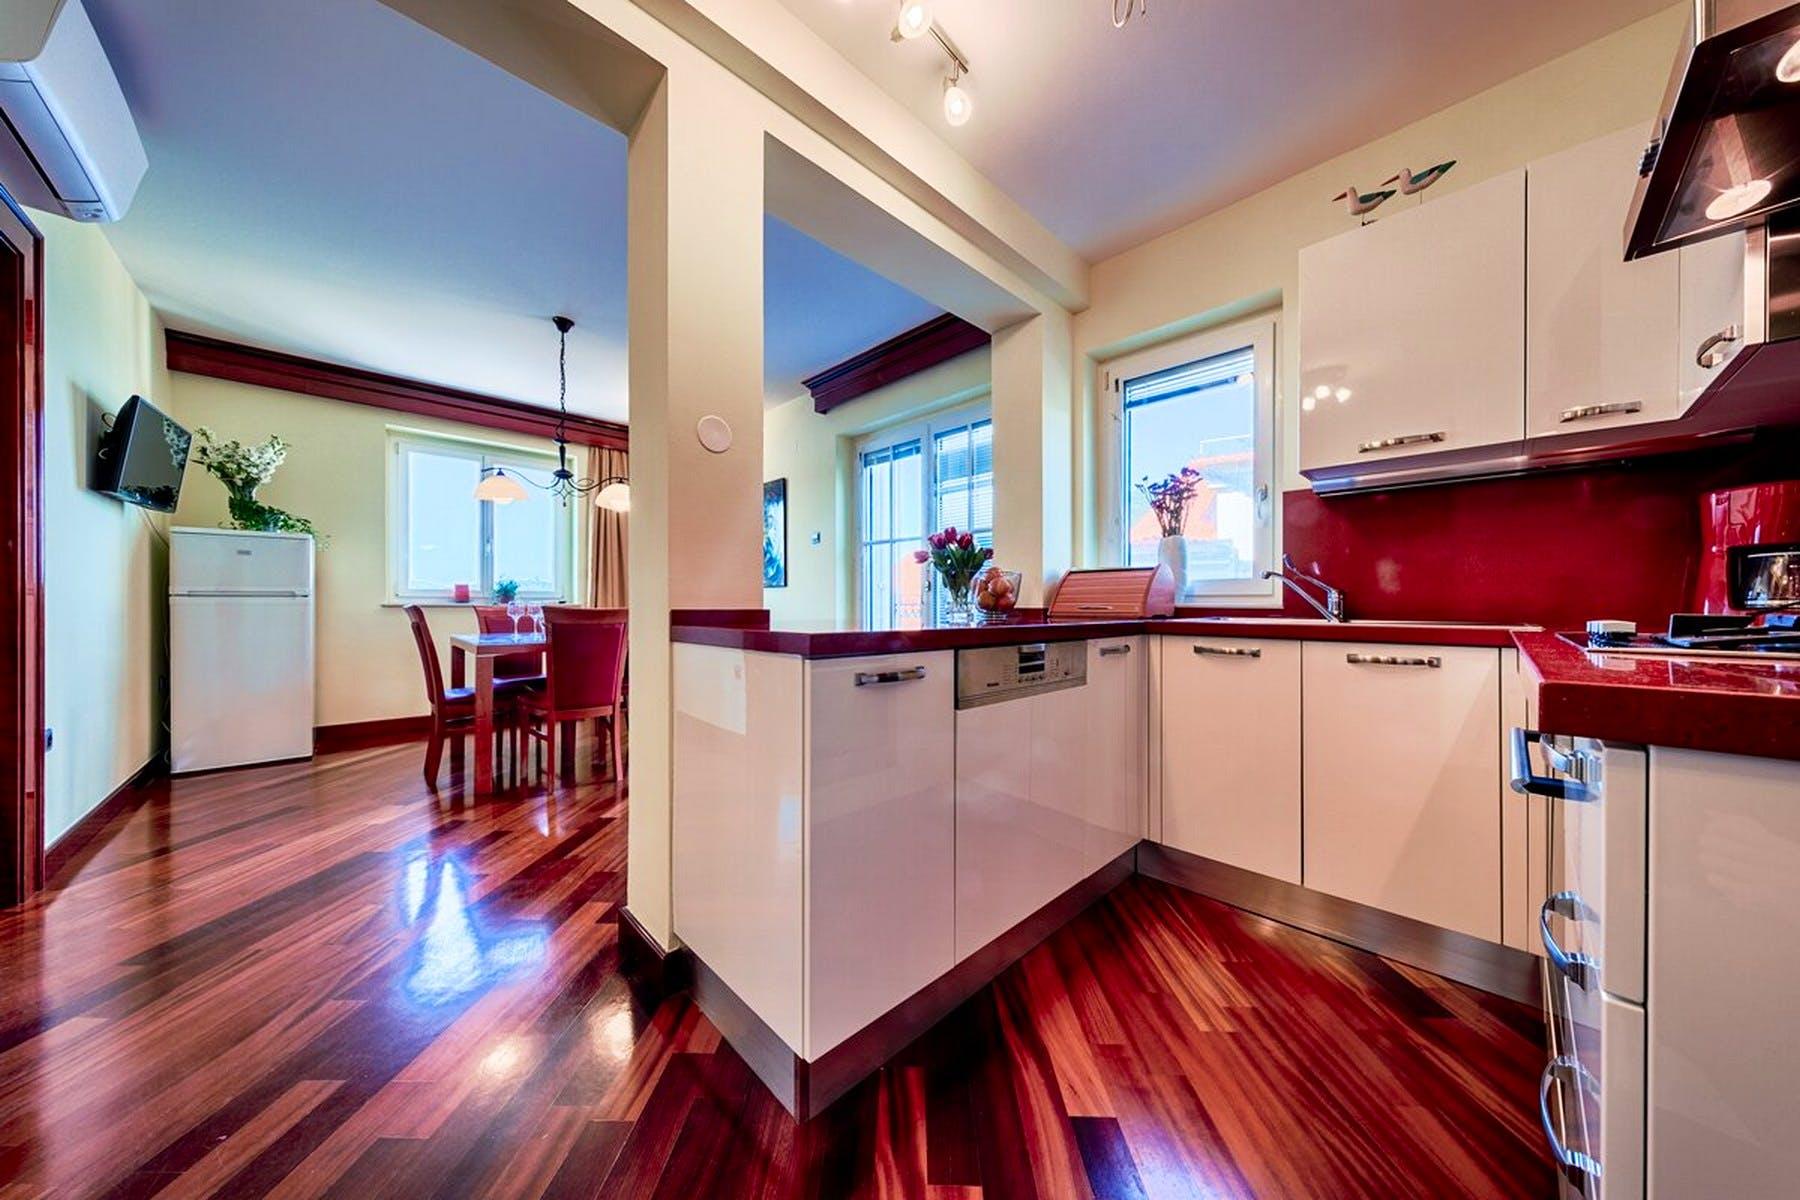 Opremljena, moderna kuhinja s blagovaonicom